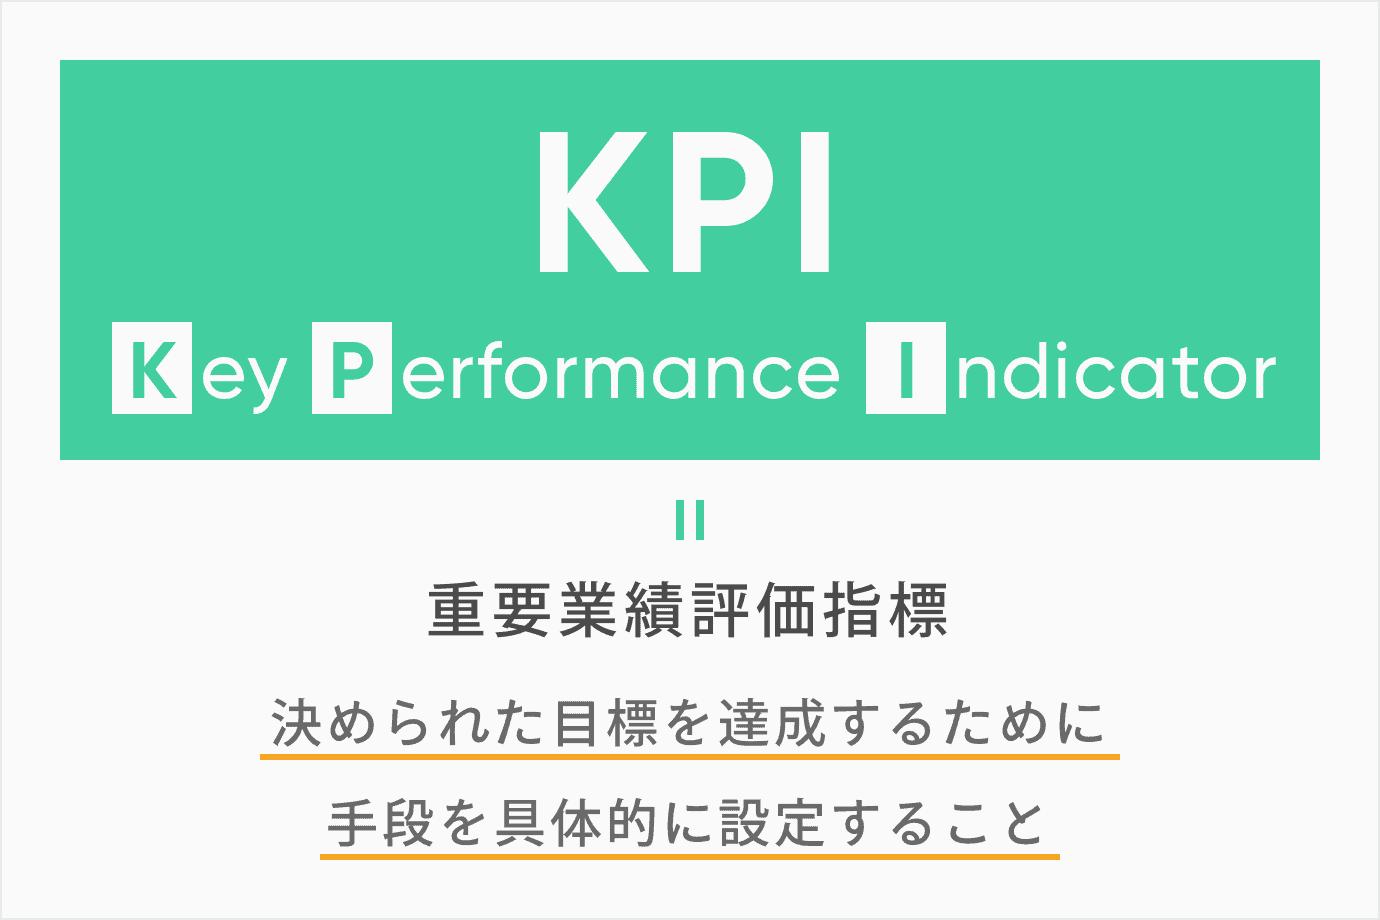 KPIとは「重要業績評価指標」のこと